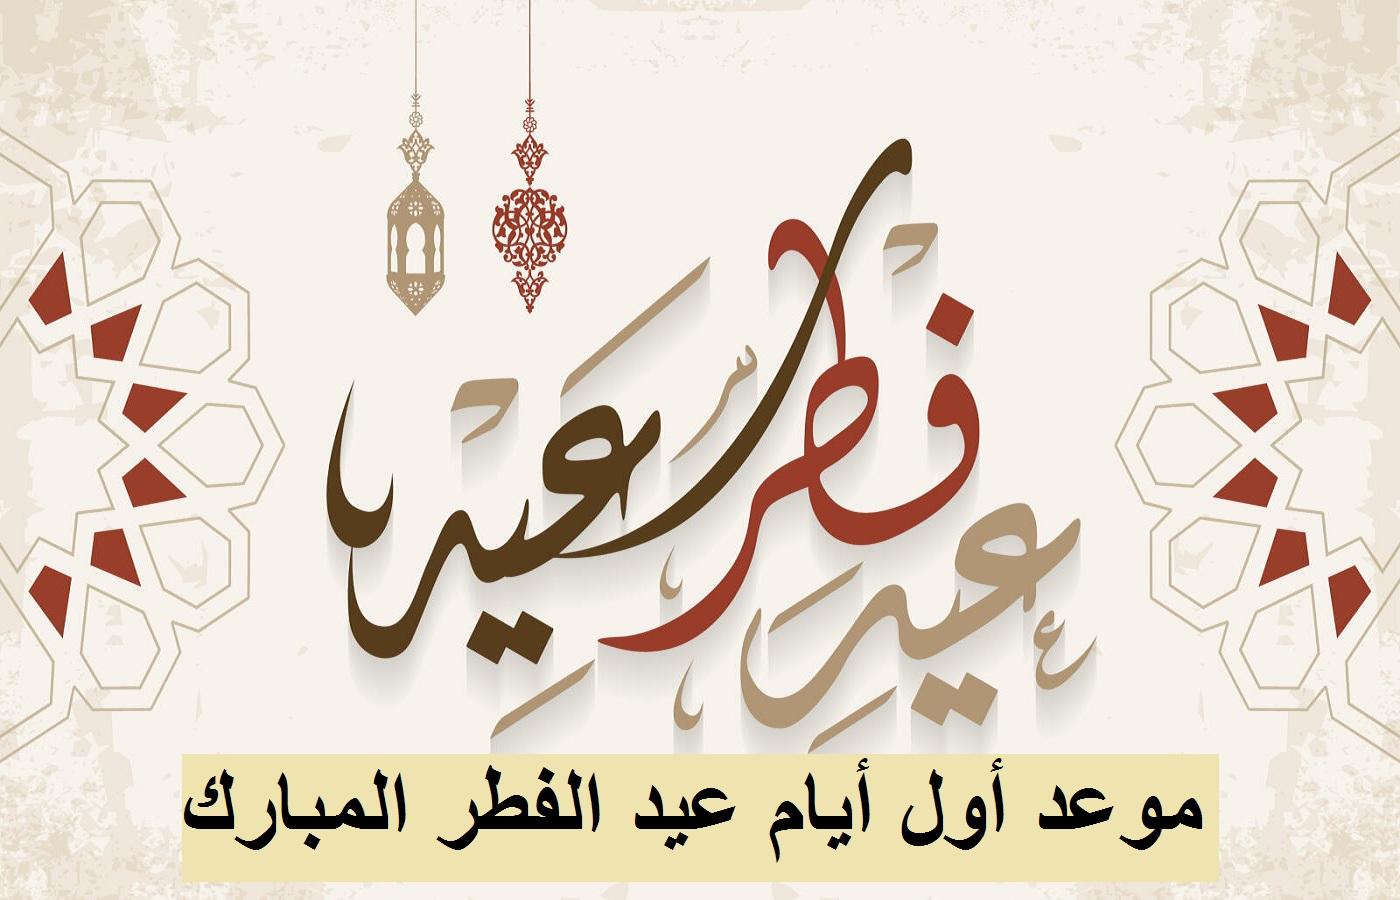 البحوث الفلكية تعلن موعد أول أيام عيد الفطر 2021 في مصر والسعودية وعدد أيام شهر رمضان وغرة شهر شوال